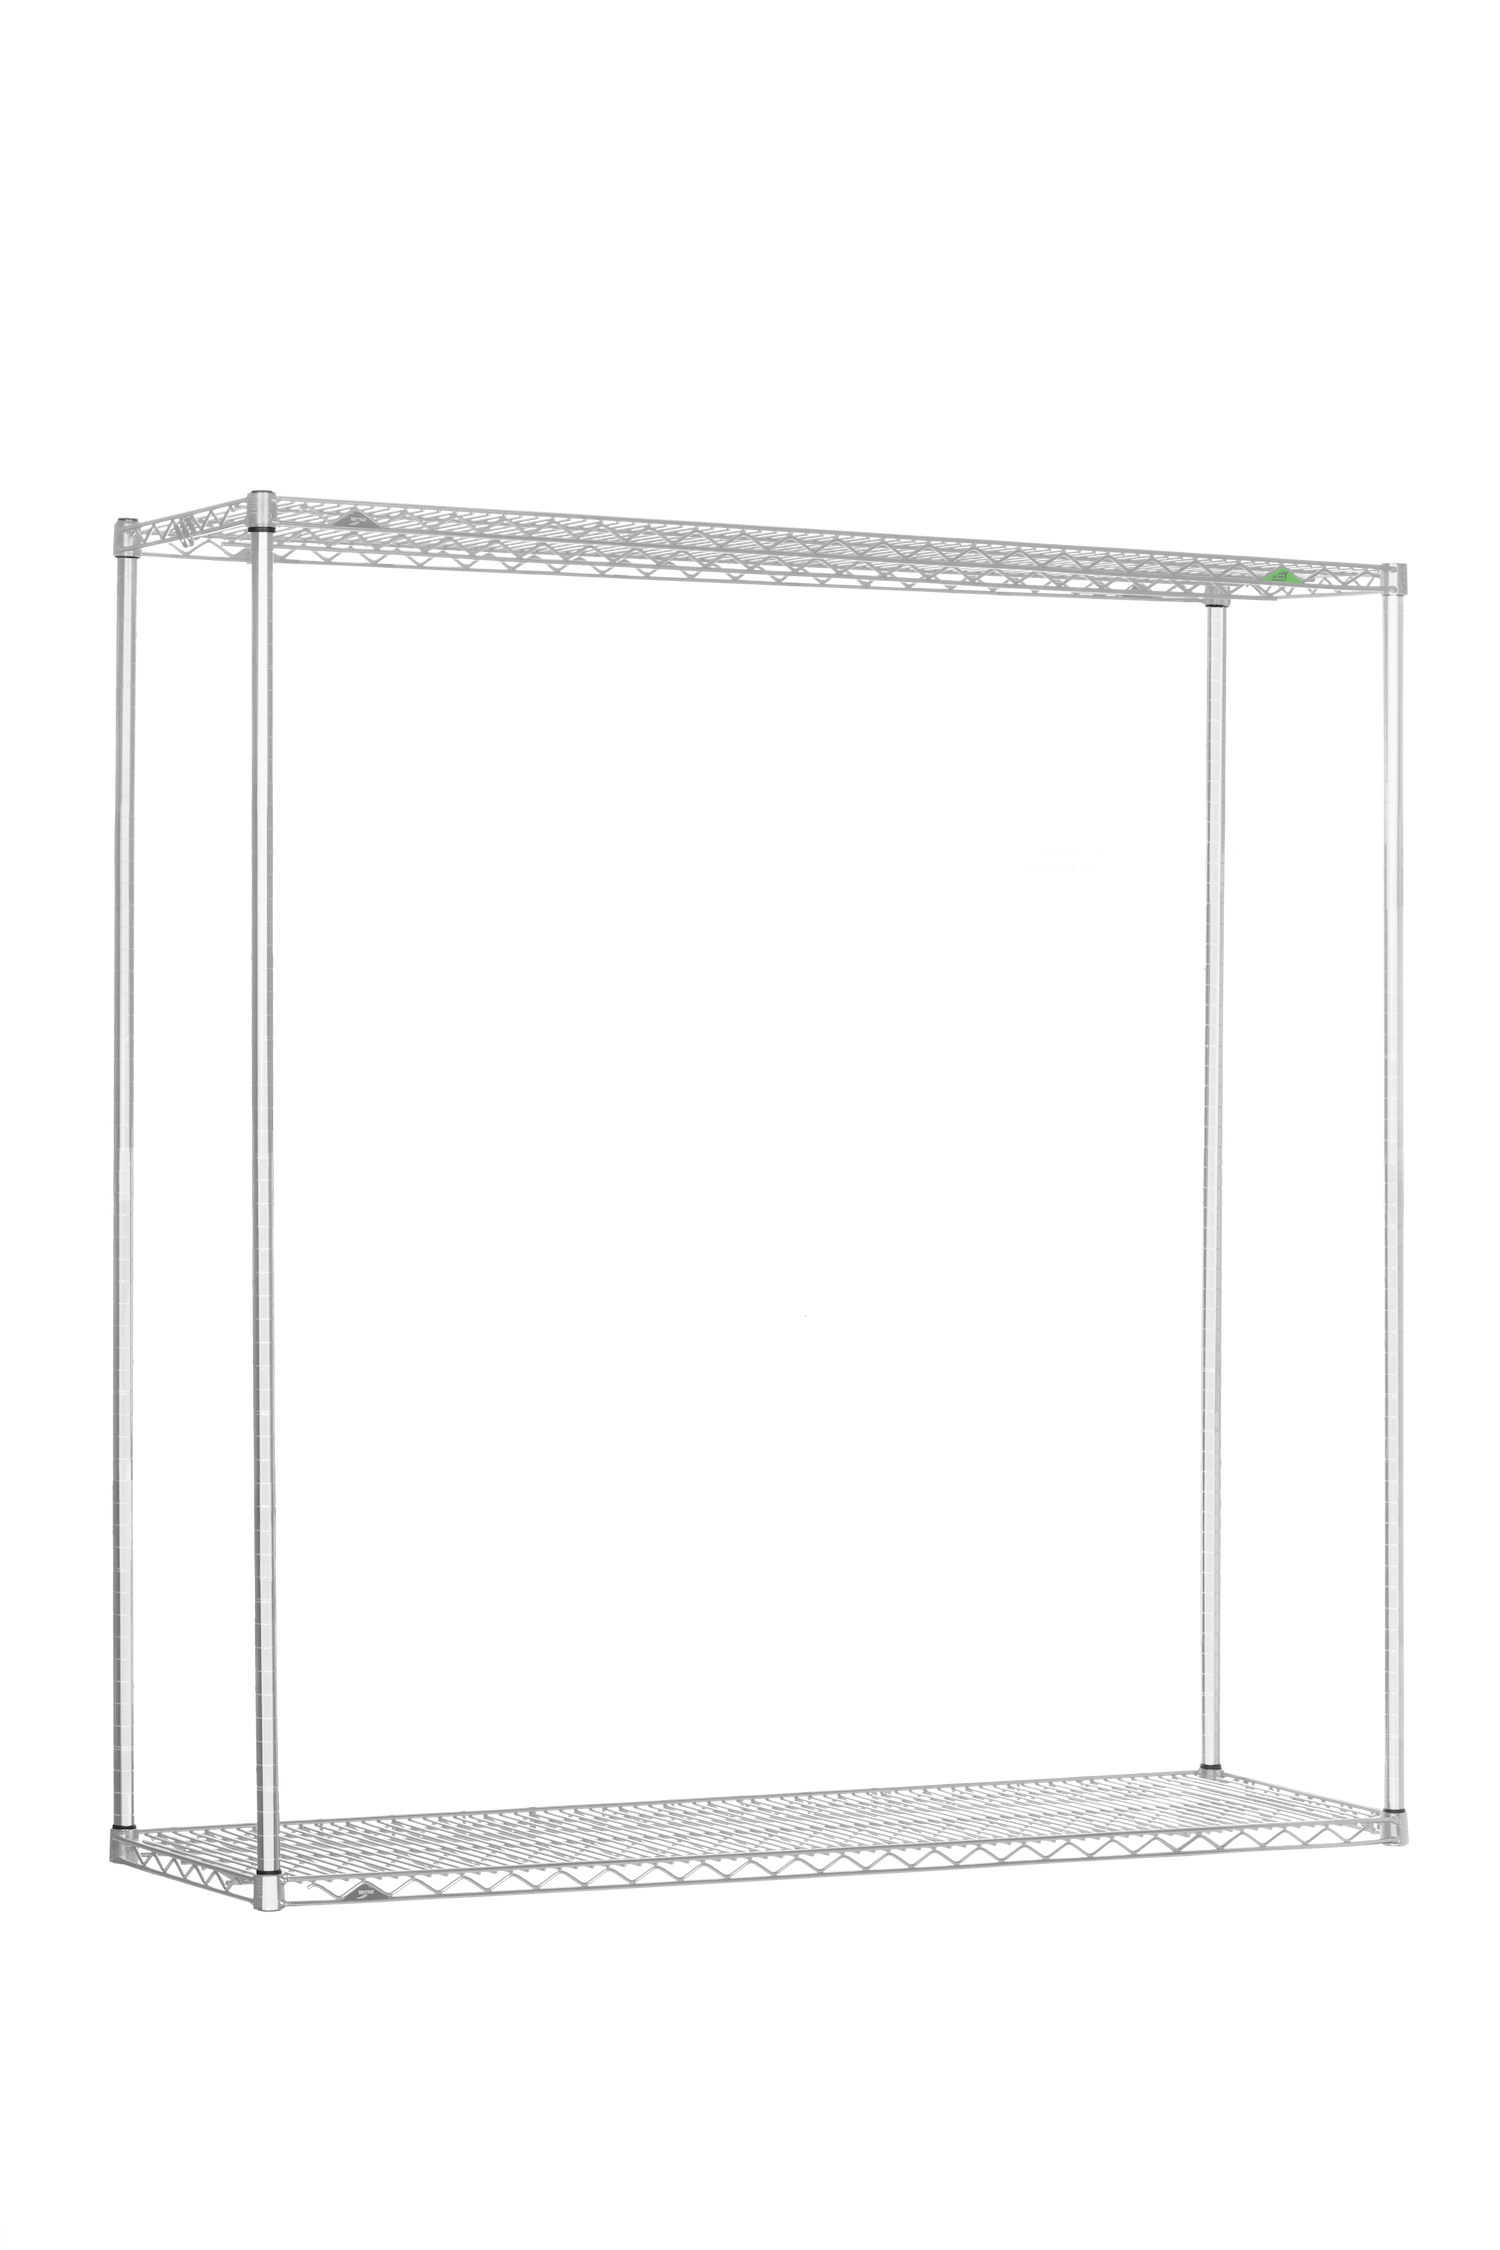 457x914mm, 18x36 inch